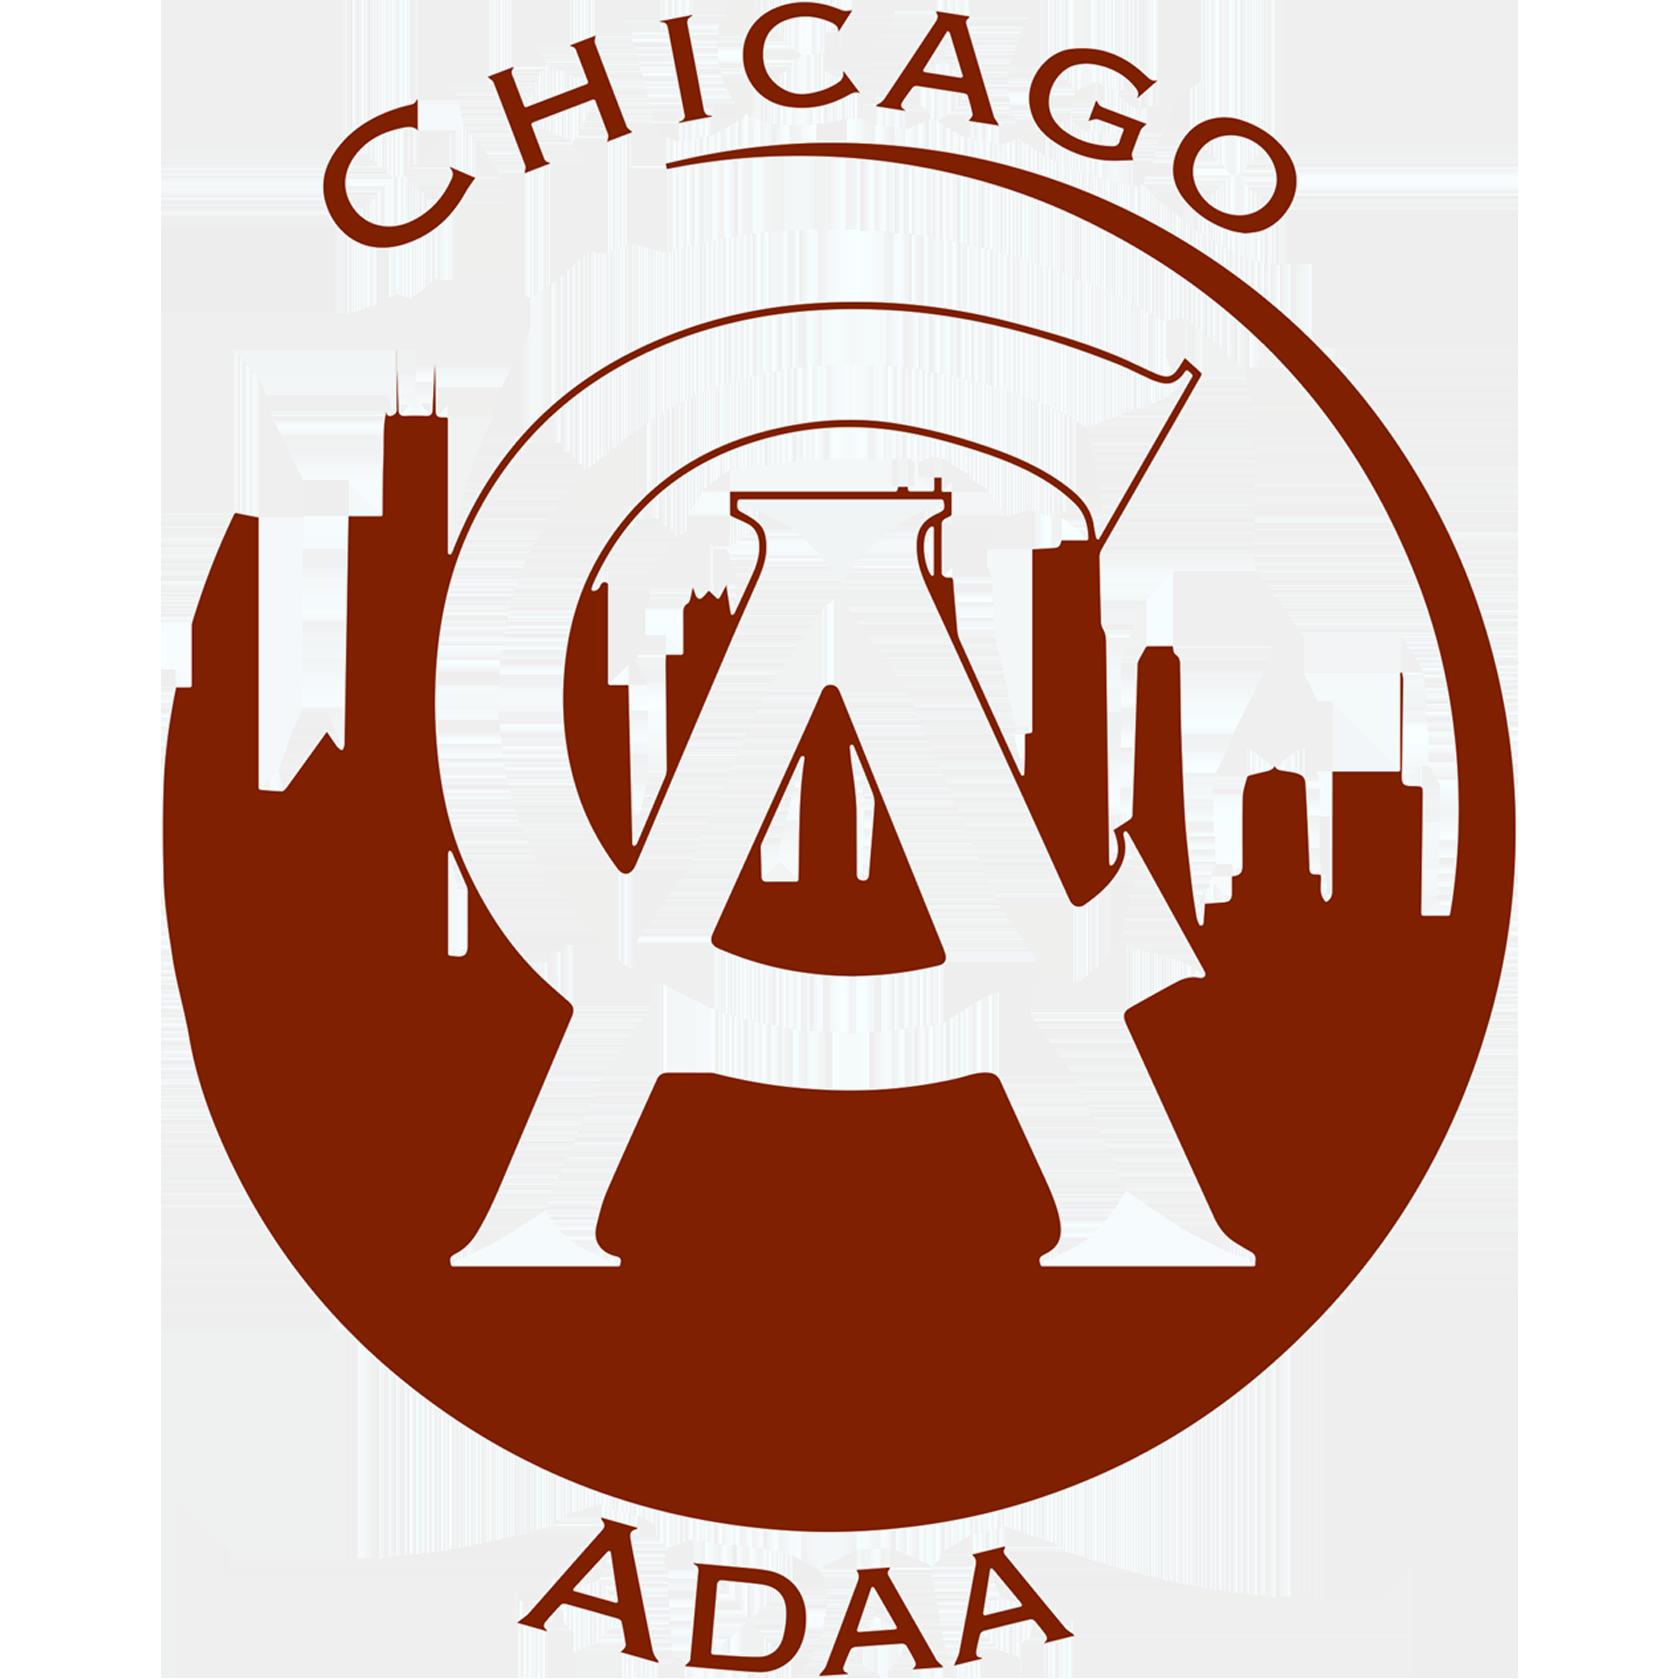 8. Chicago Adaa